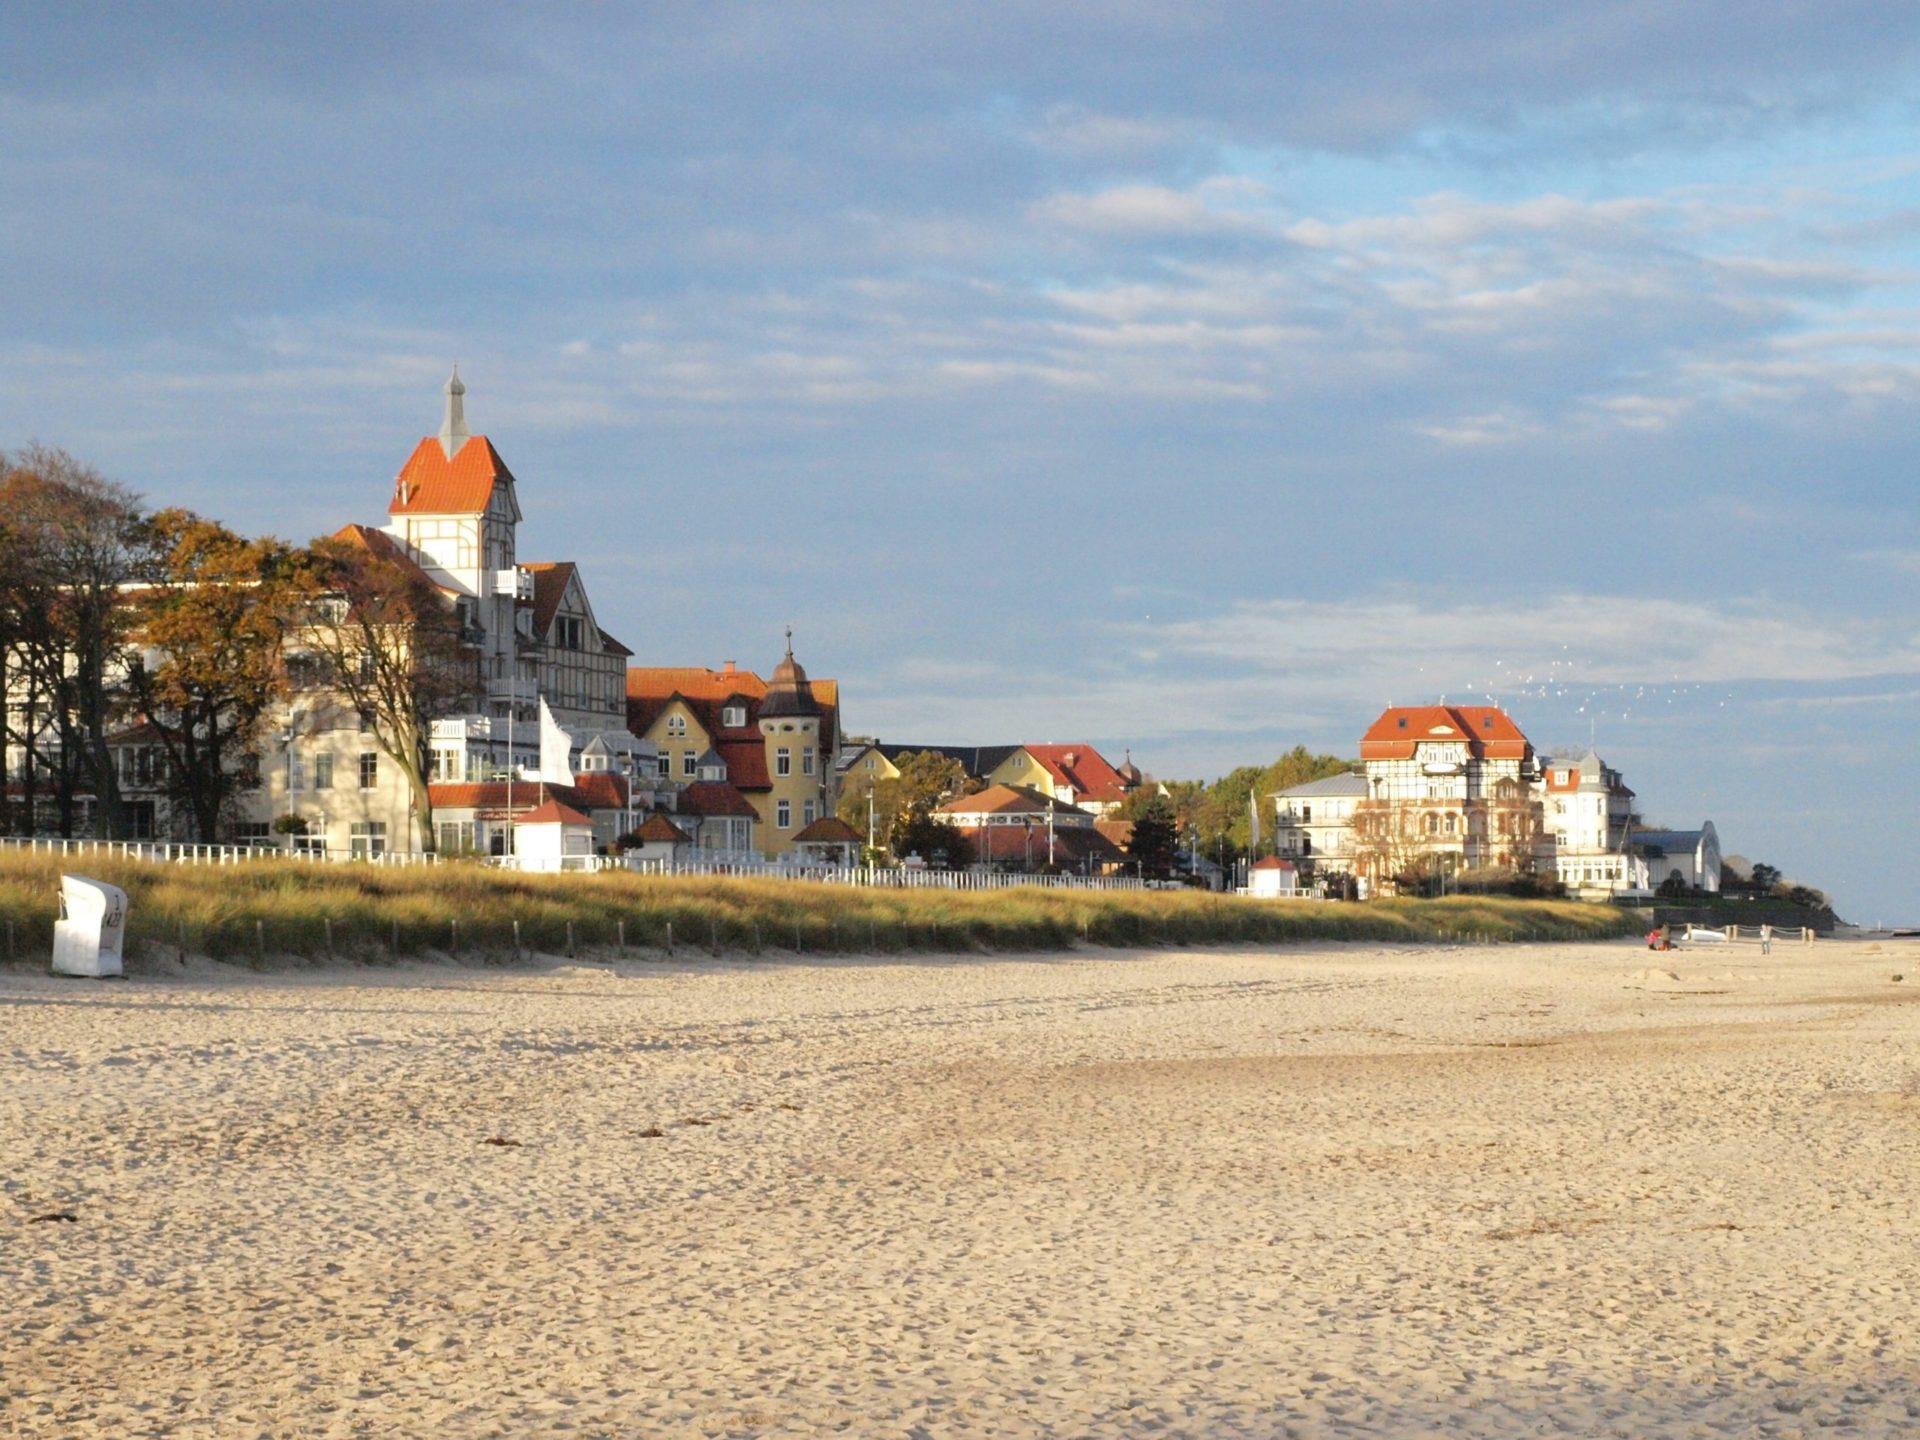 Wassertemperatur Kühlungsborn: Weststrand